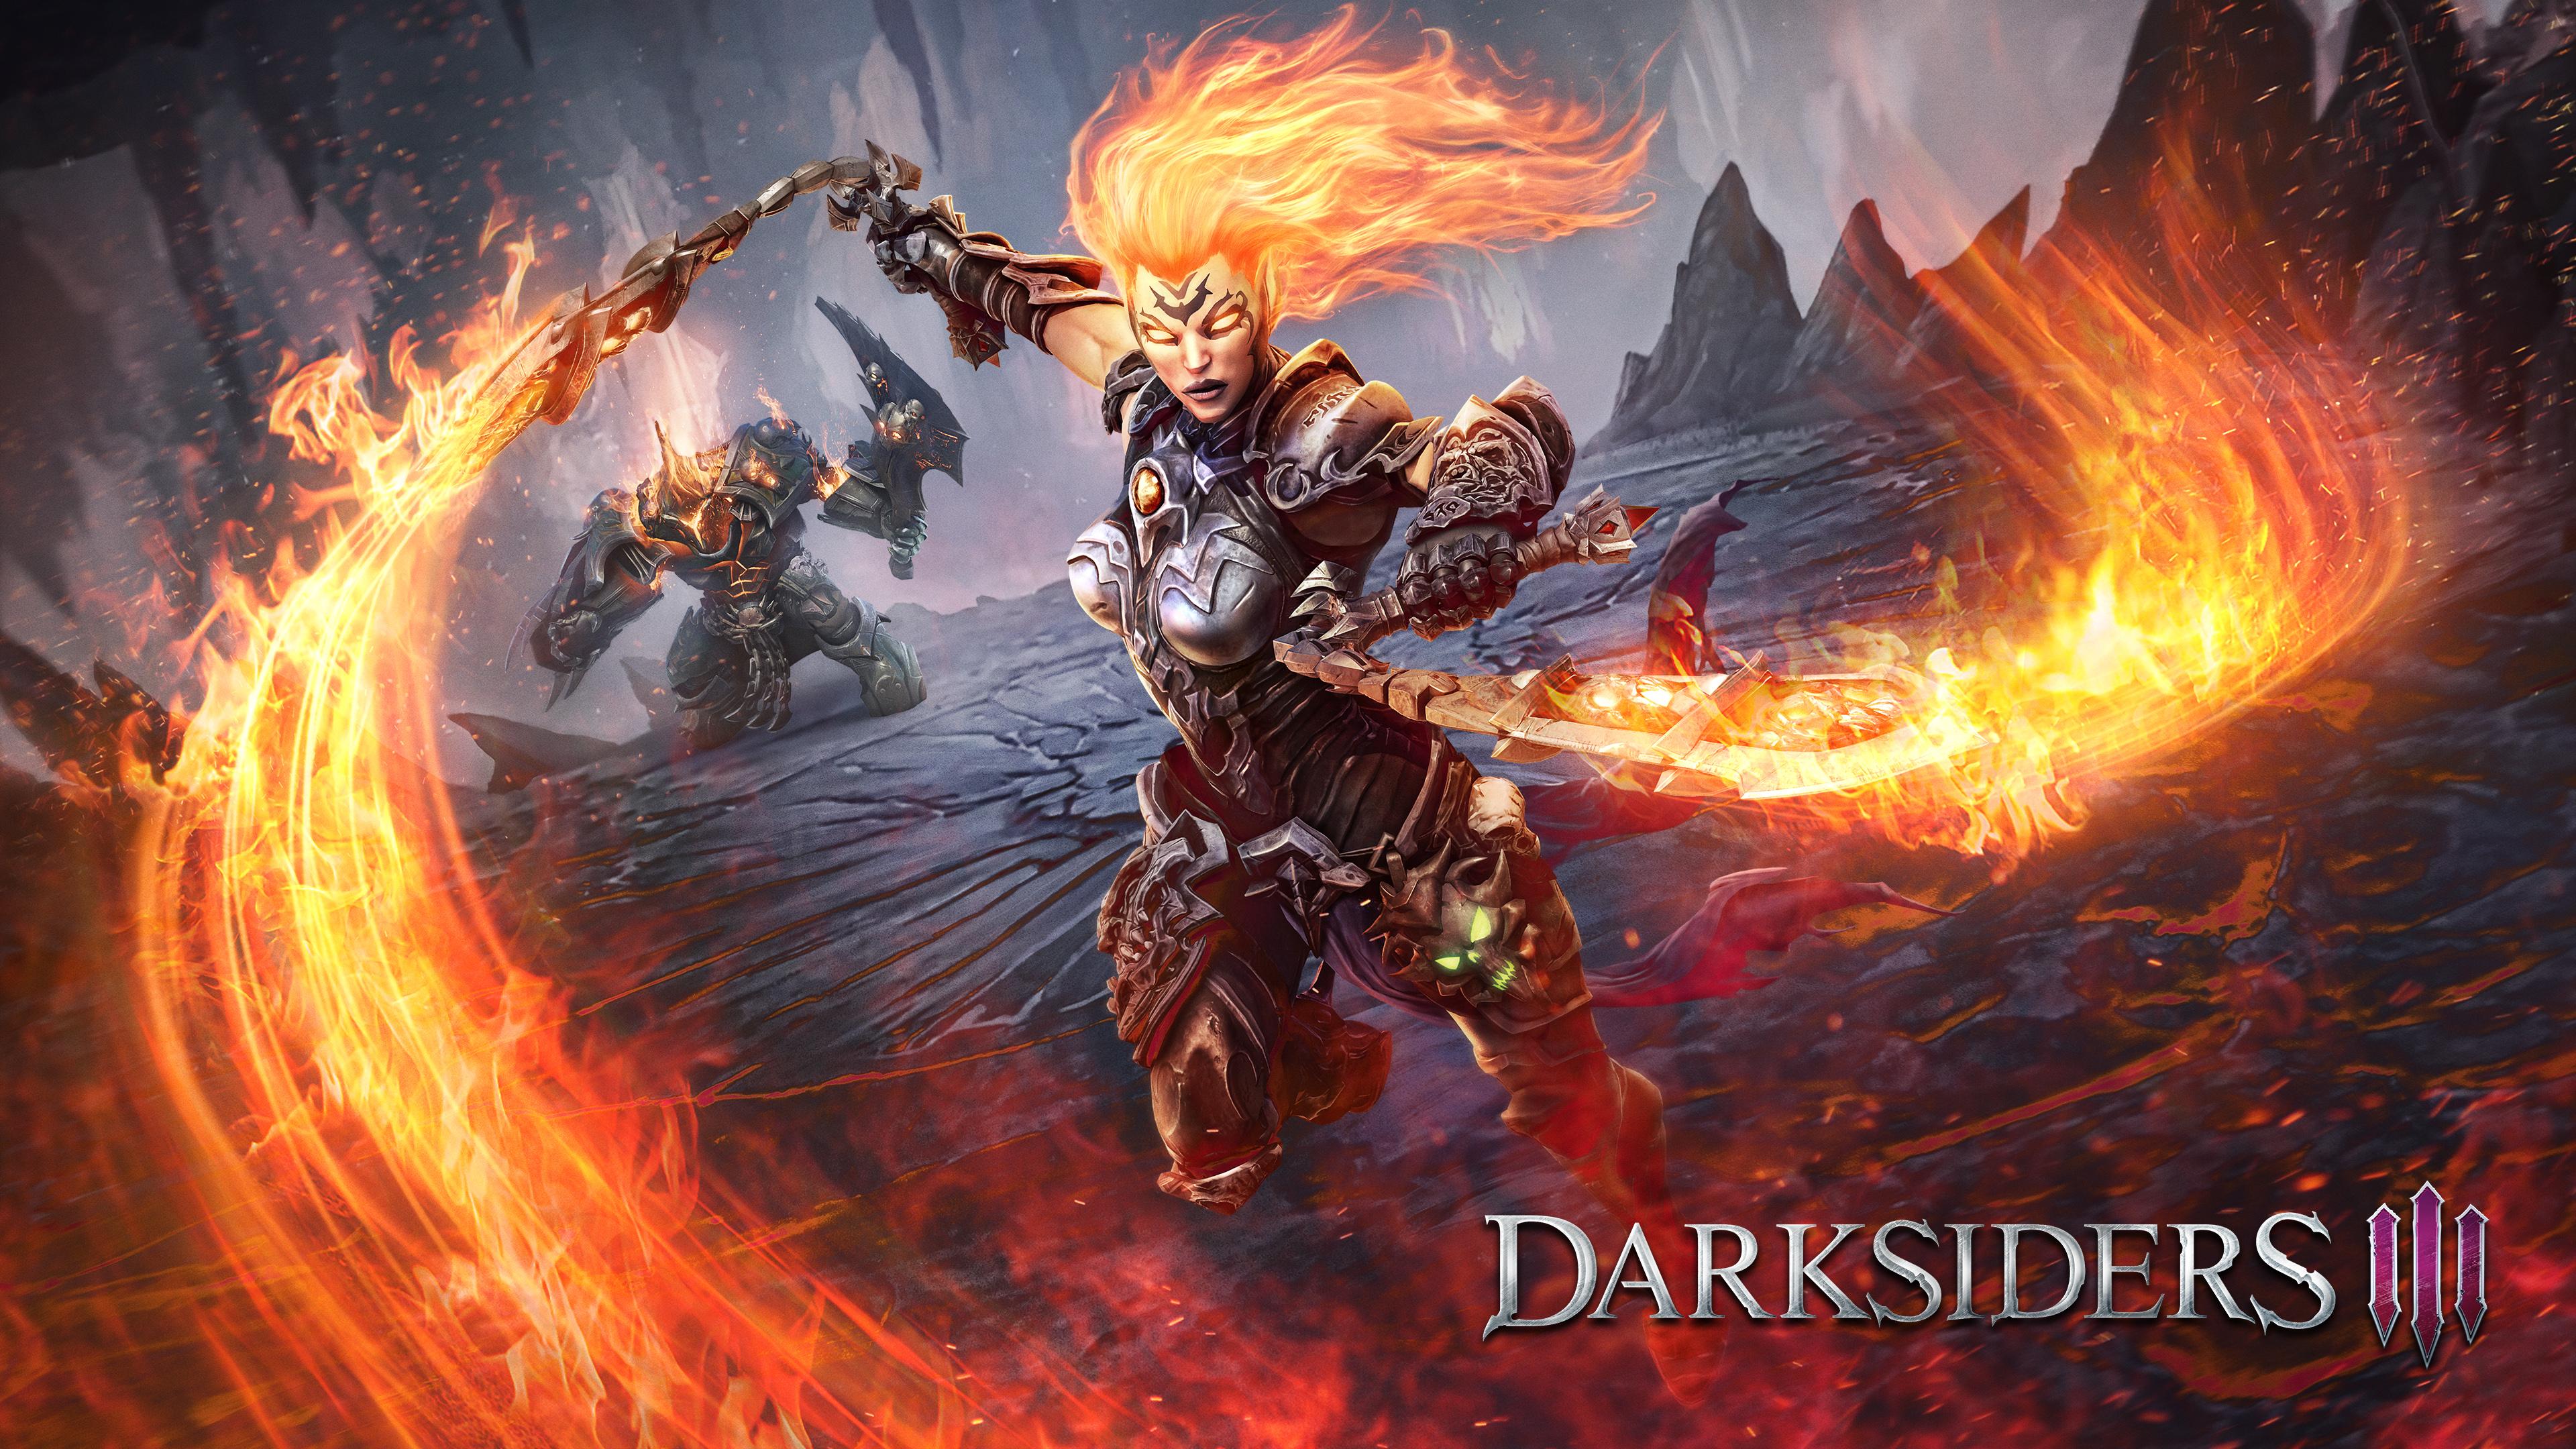 Огненные воины-демоны уничтожают жизнь на земле